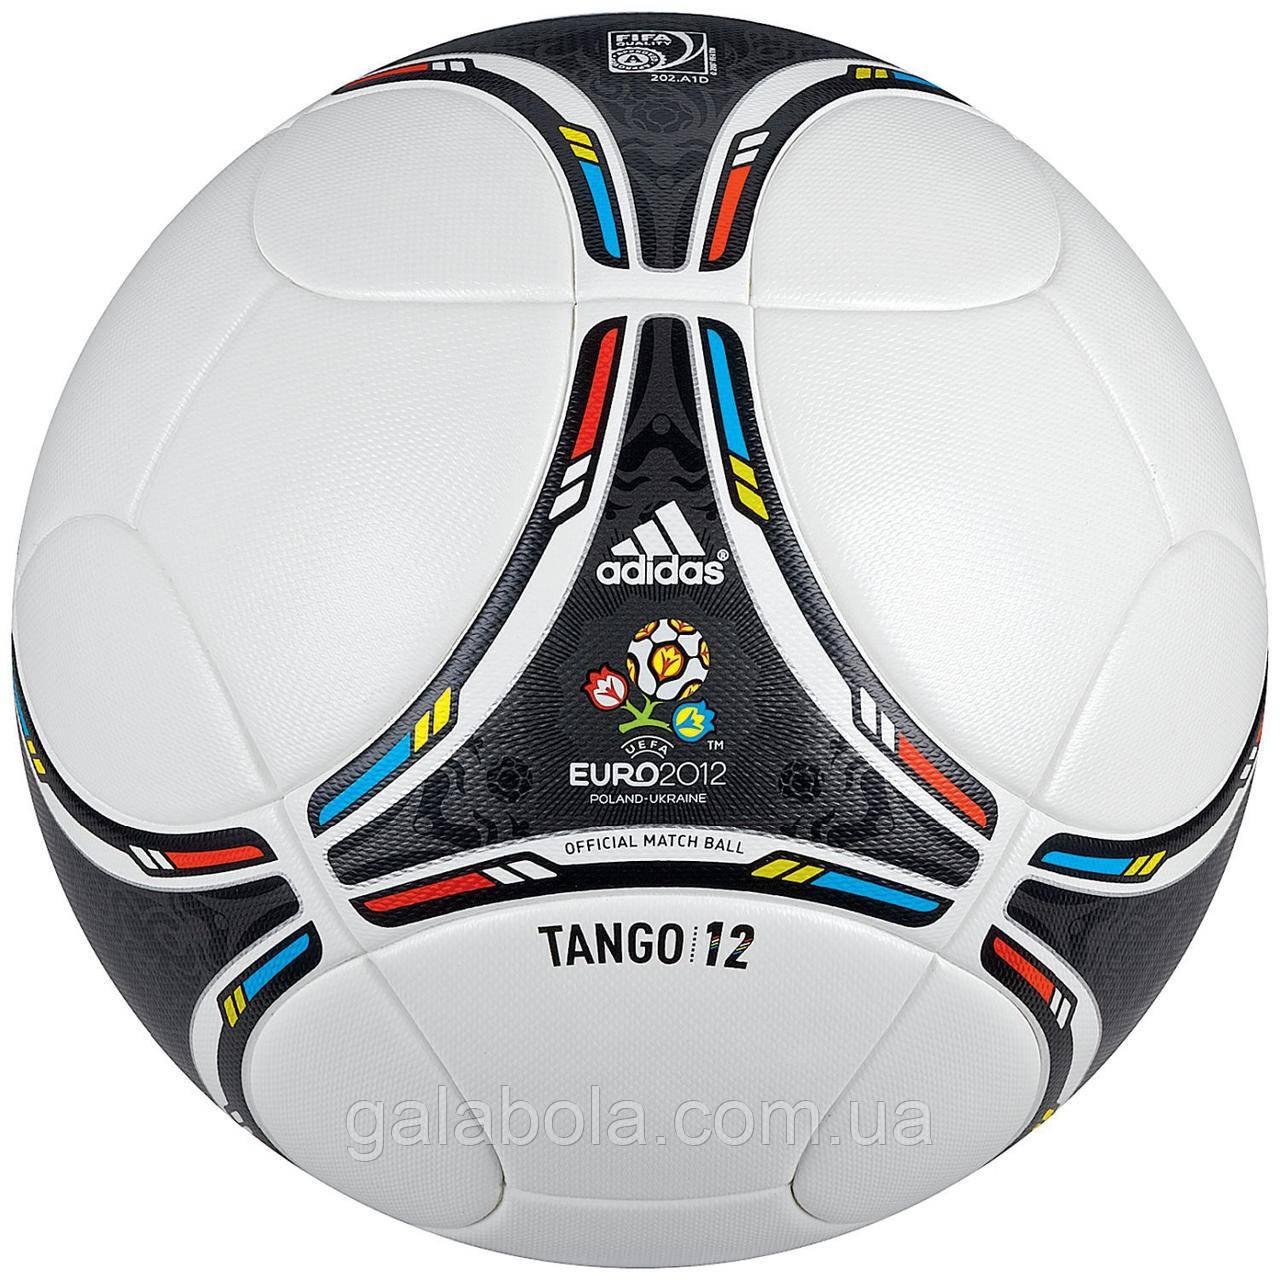 Мяч футбольный ADIDAS TANGO 12 OMB X41860 (размер 5)